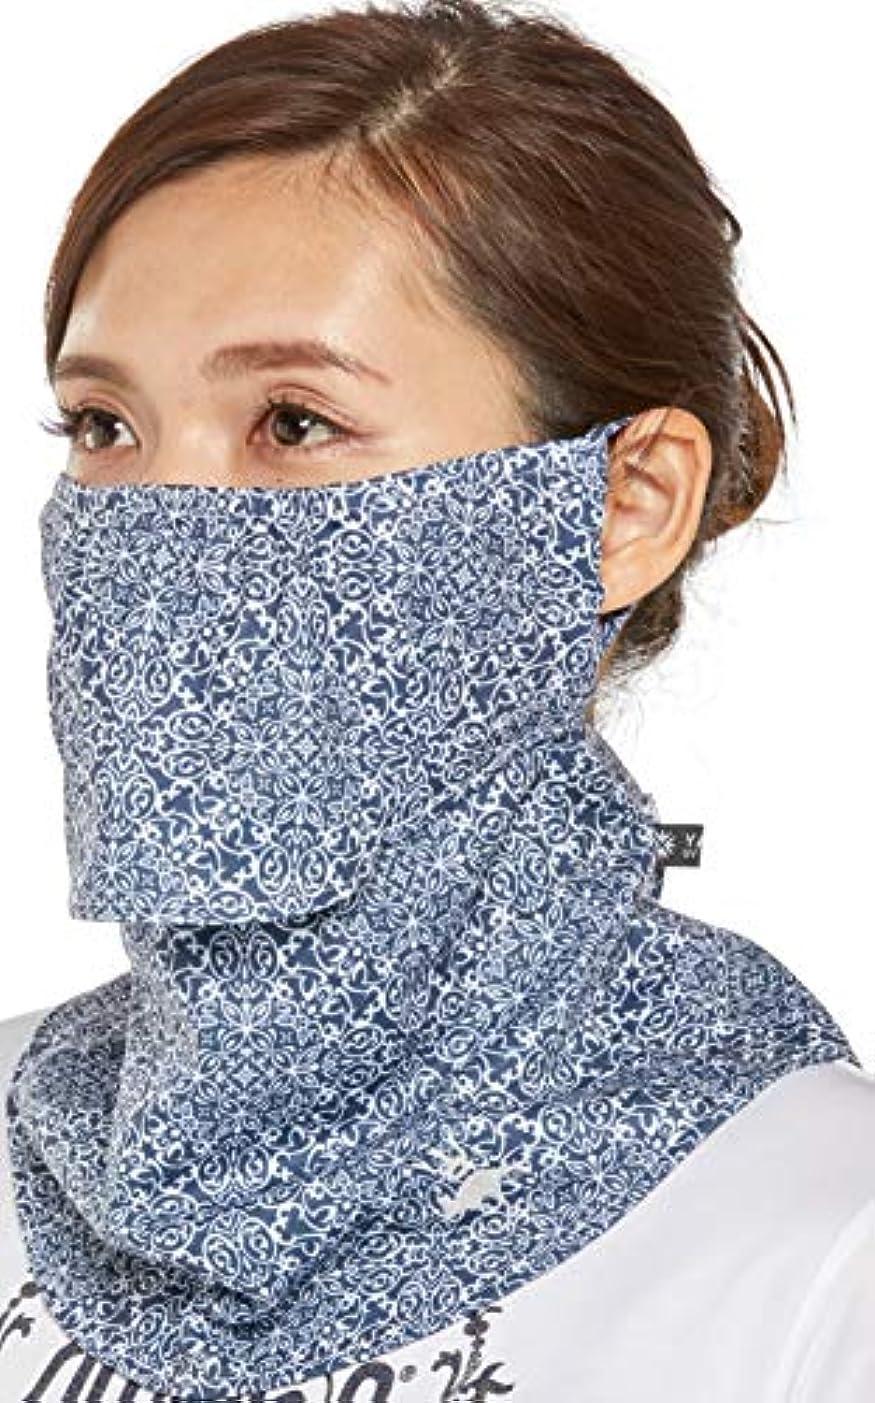 無知ポーン反論者(シンプソン)Simpson 息苦しくない 日焼け防止 紫外線防止 UVカット フェイスマスク フェイスカバー STA-M03